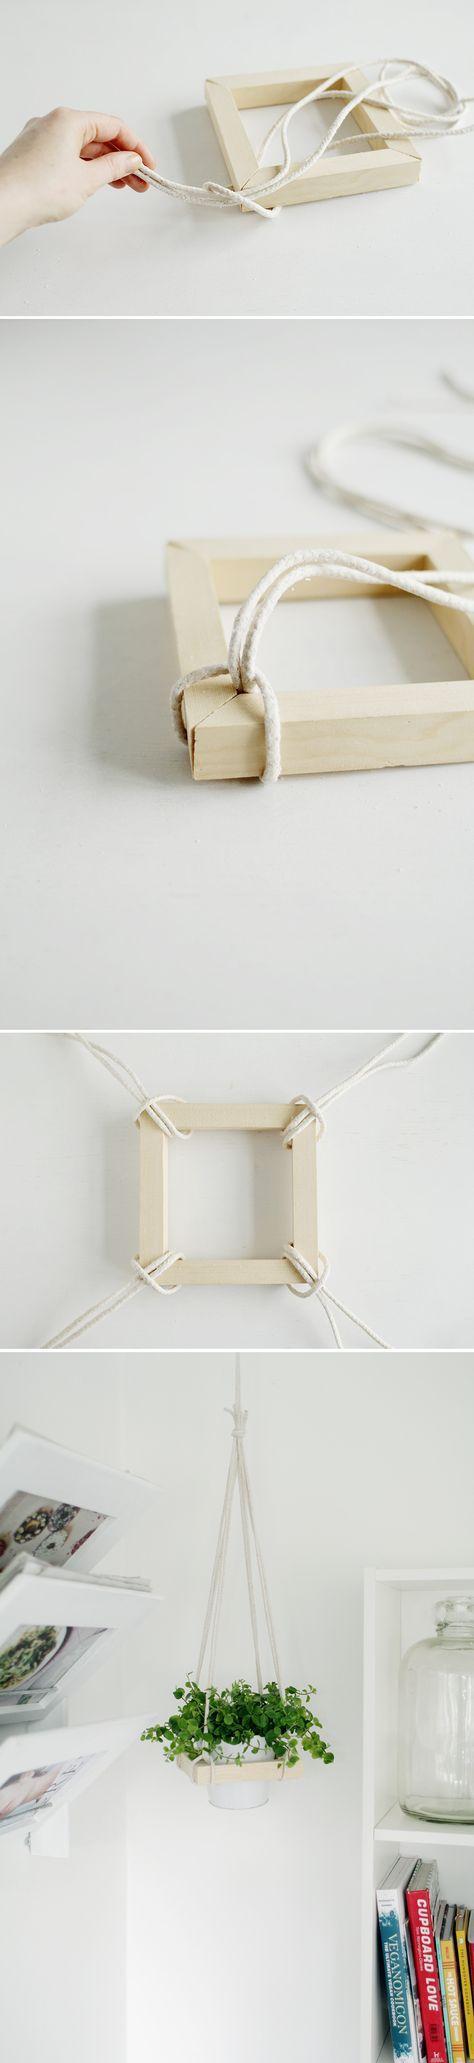 DIY square hanging planter ♥ man kunne godt lave noget lignende i haven ud fra væggen for at få noget i højden